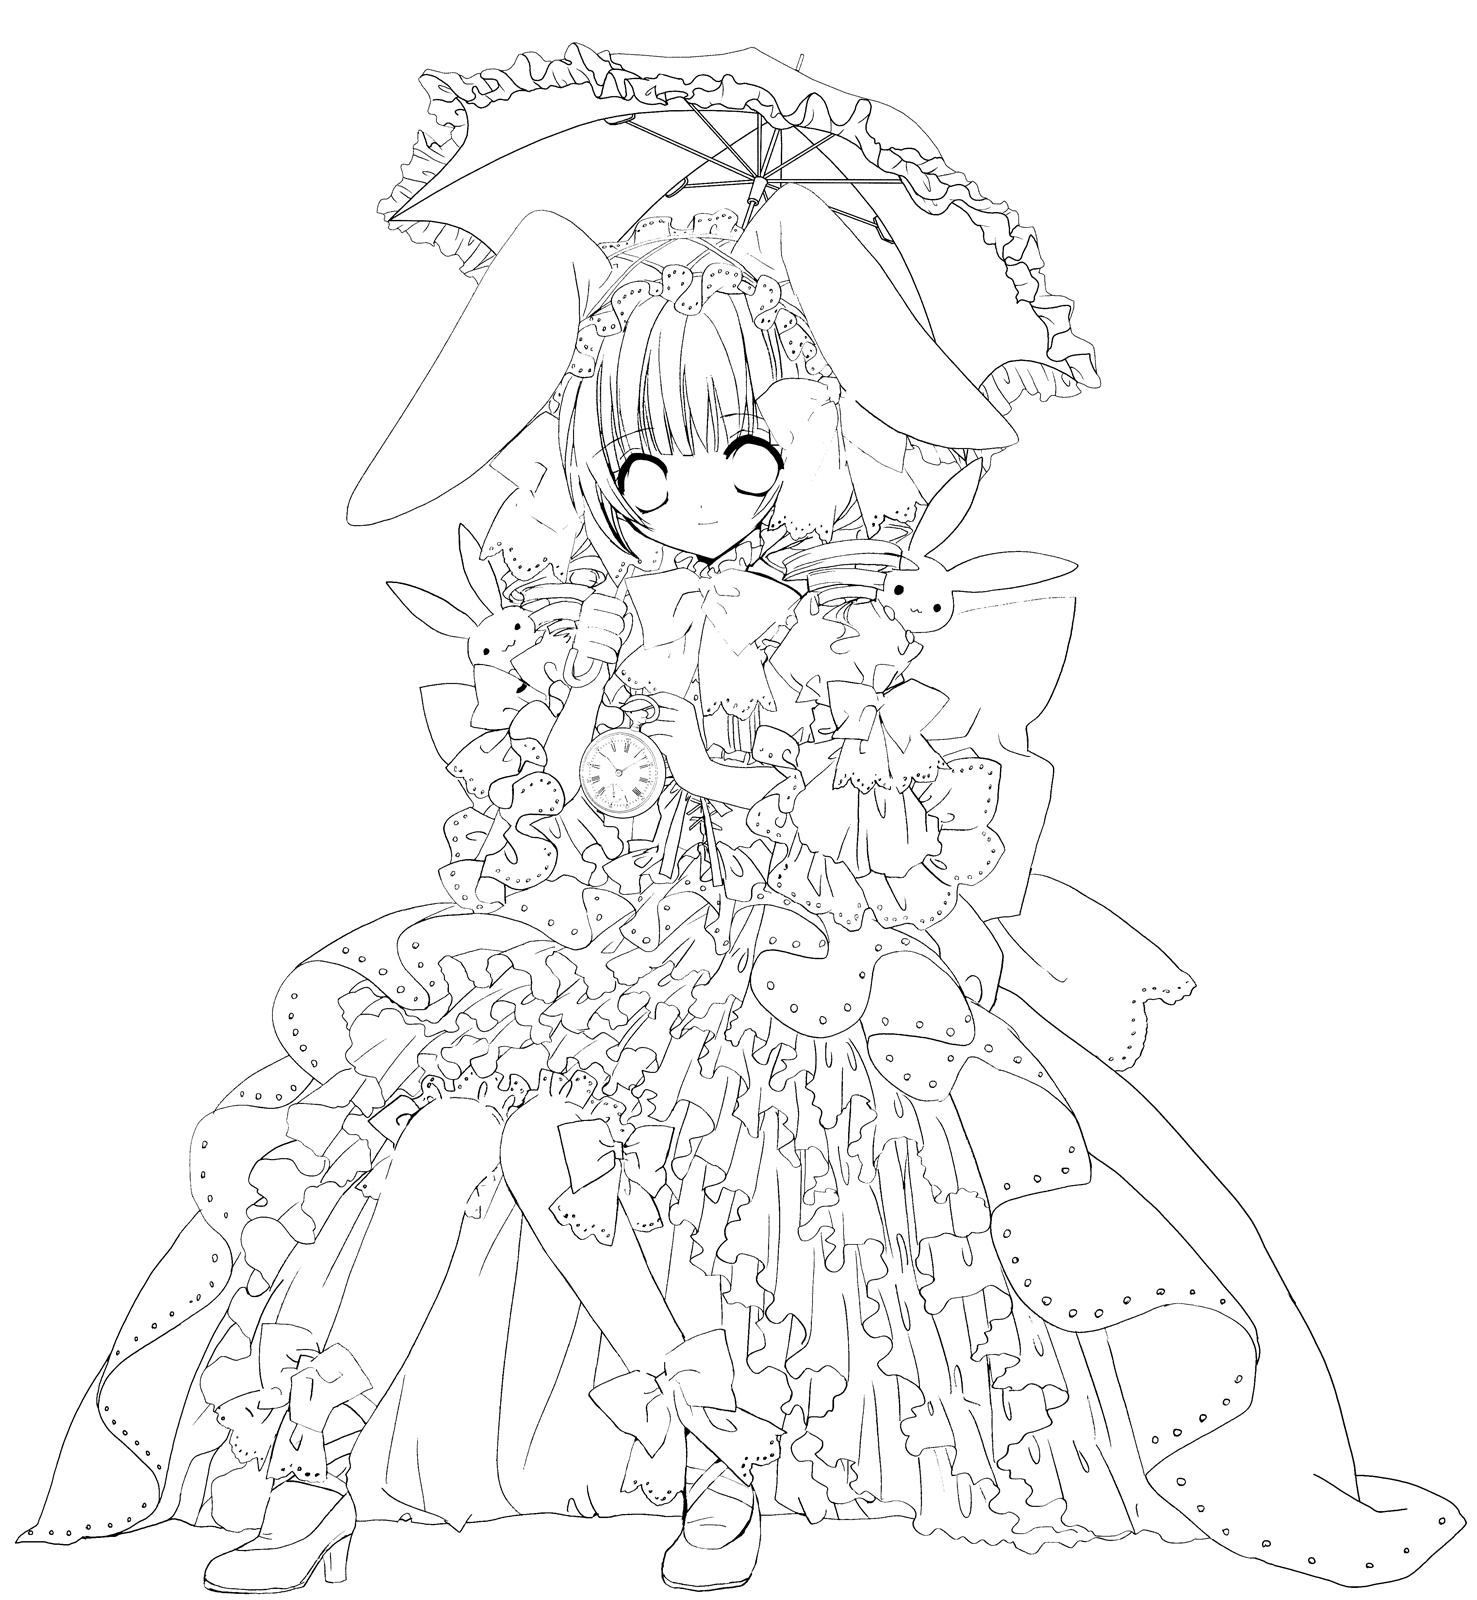 Zerochan Lineart : Koge donbo image zerochan anime board